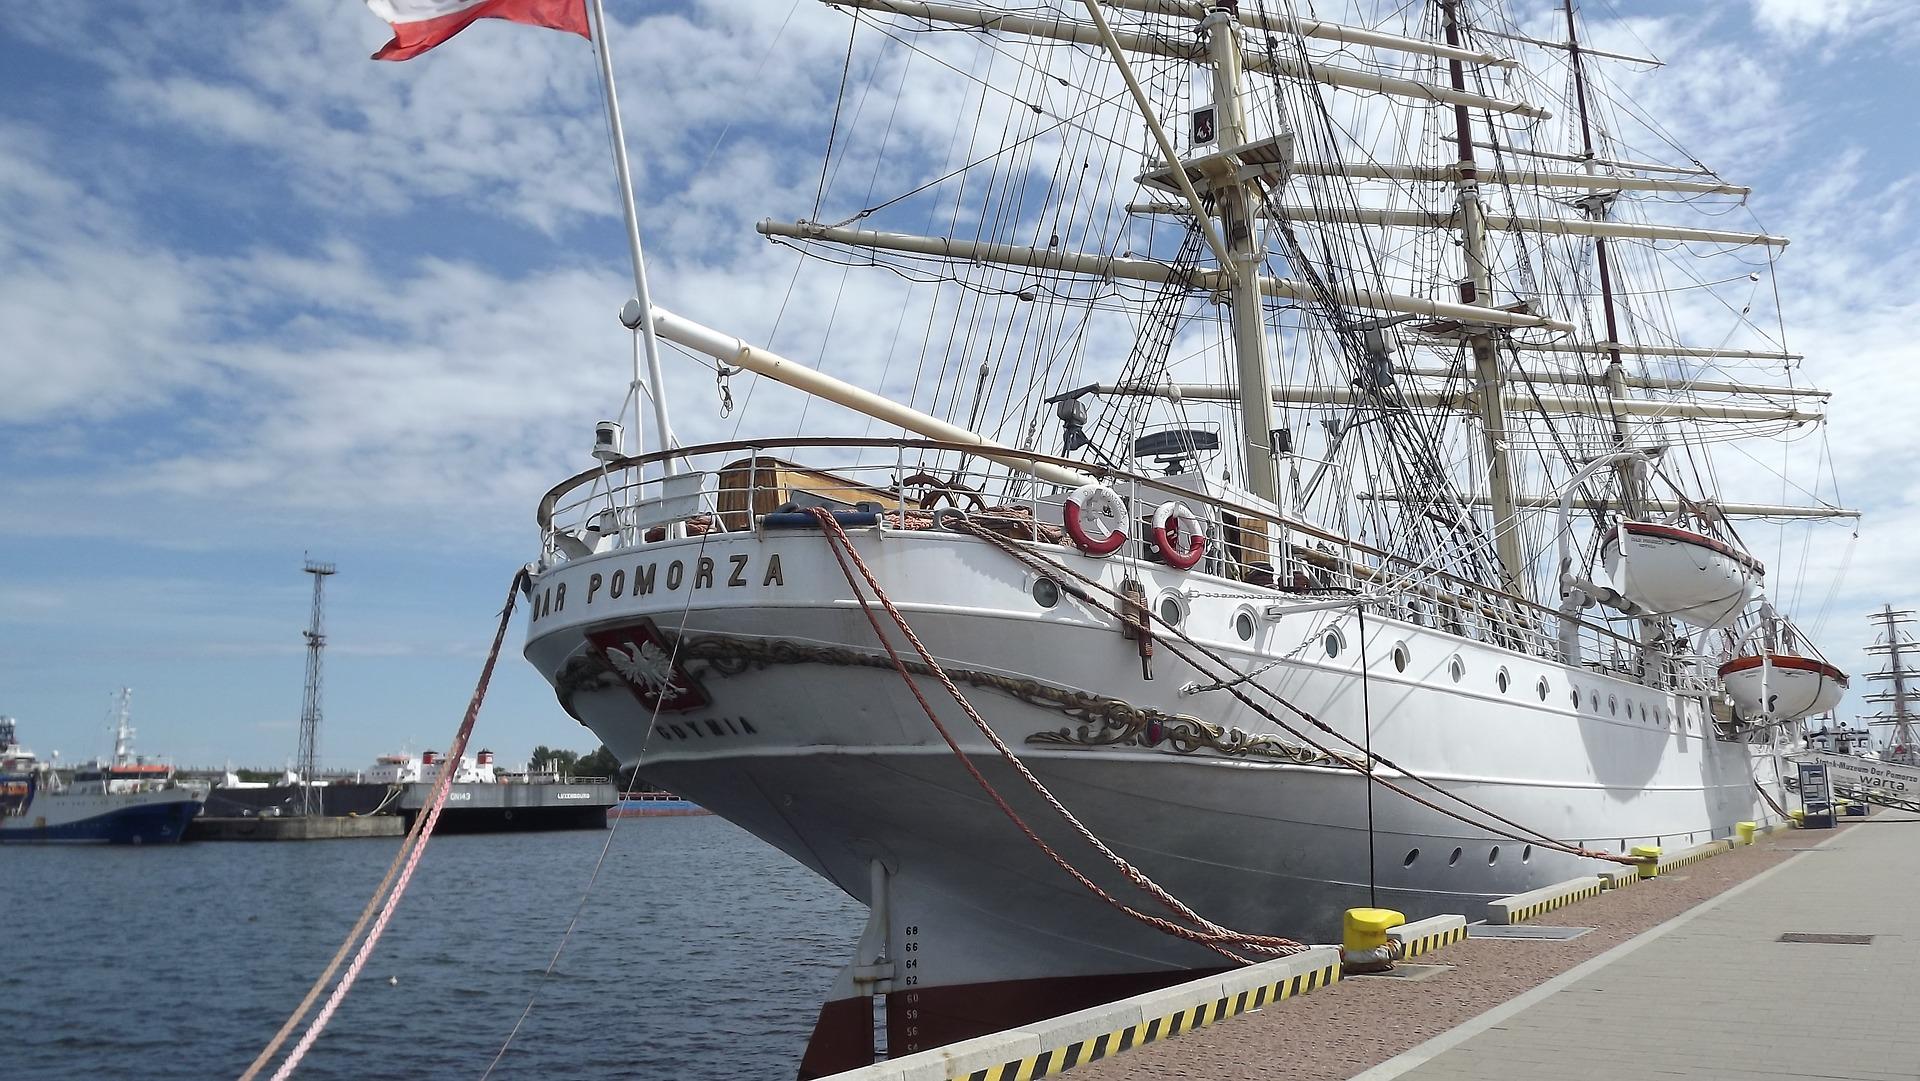 Dar Pomorza - żaglowiec zacumowany przy Skwerze Kościuszki w Gdyni